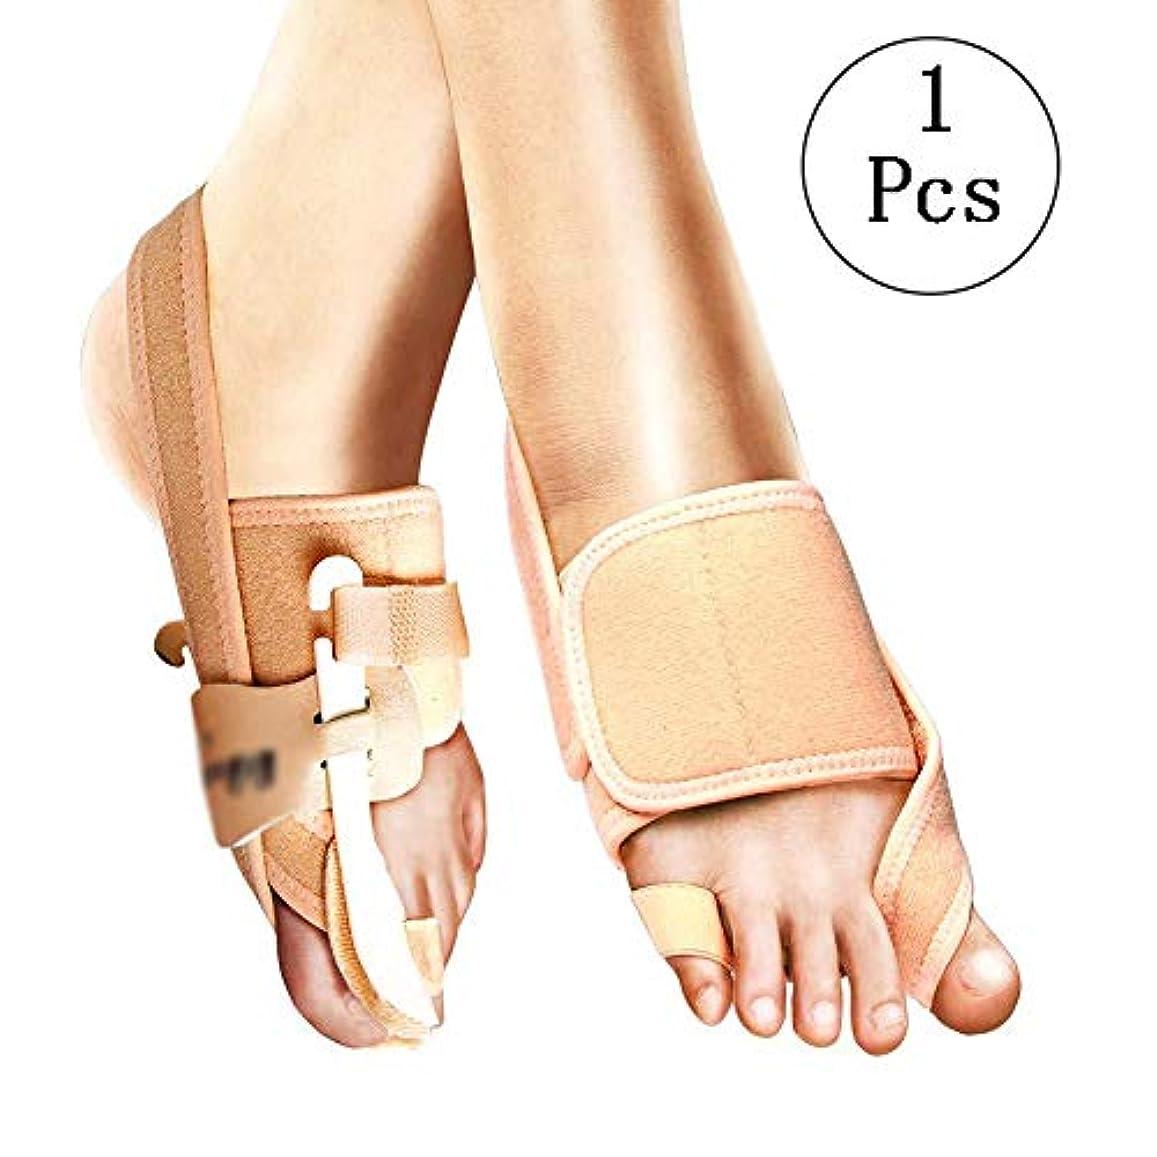 平らにする観察する対話つま先セパレーター付きの足の親指矯正器、男性と女性の柔らかいガスケット痛みを伴う外反母外傷スプレッダー大きな足装具包帯,LeftFoot-S